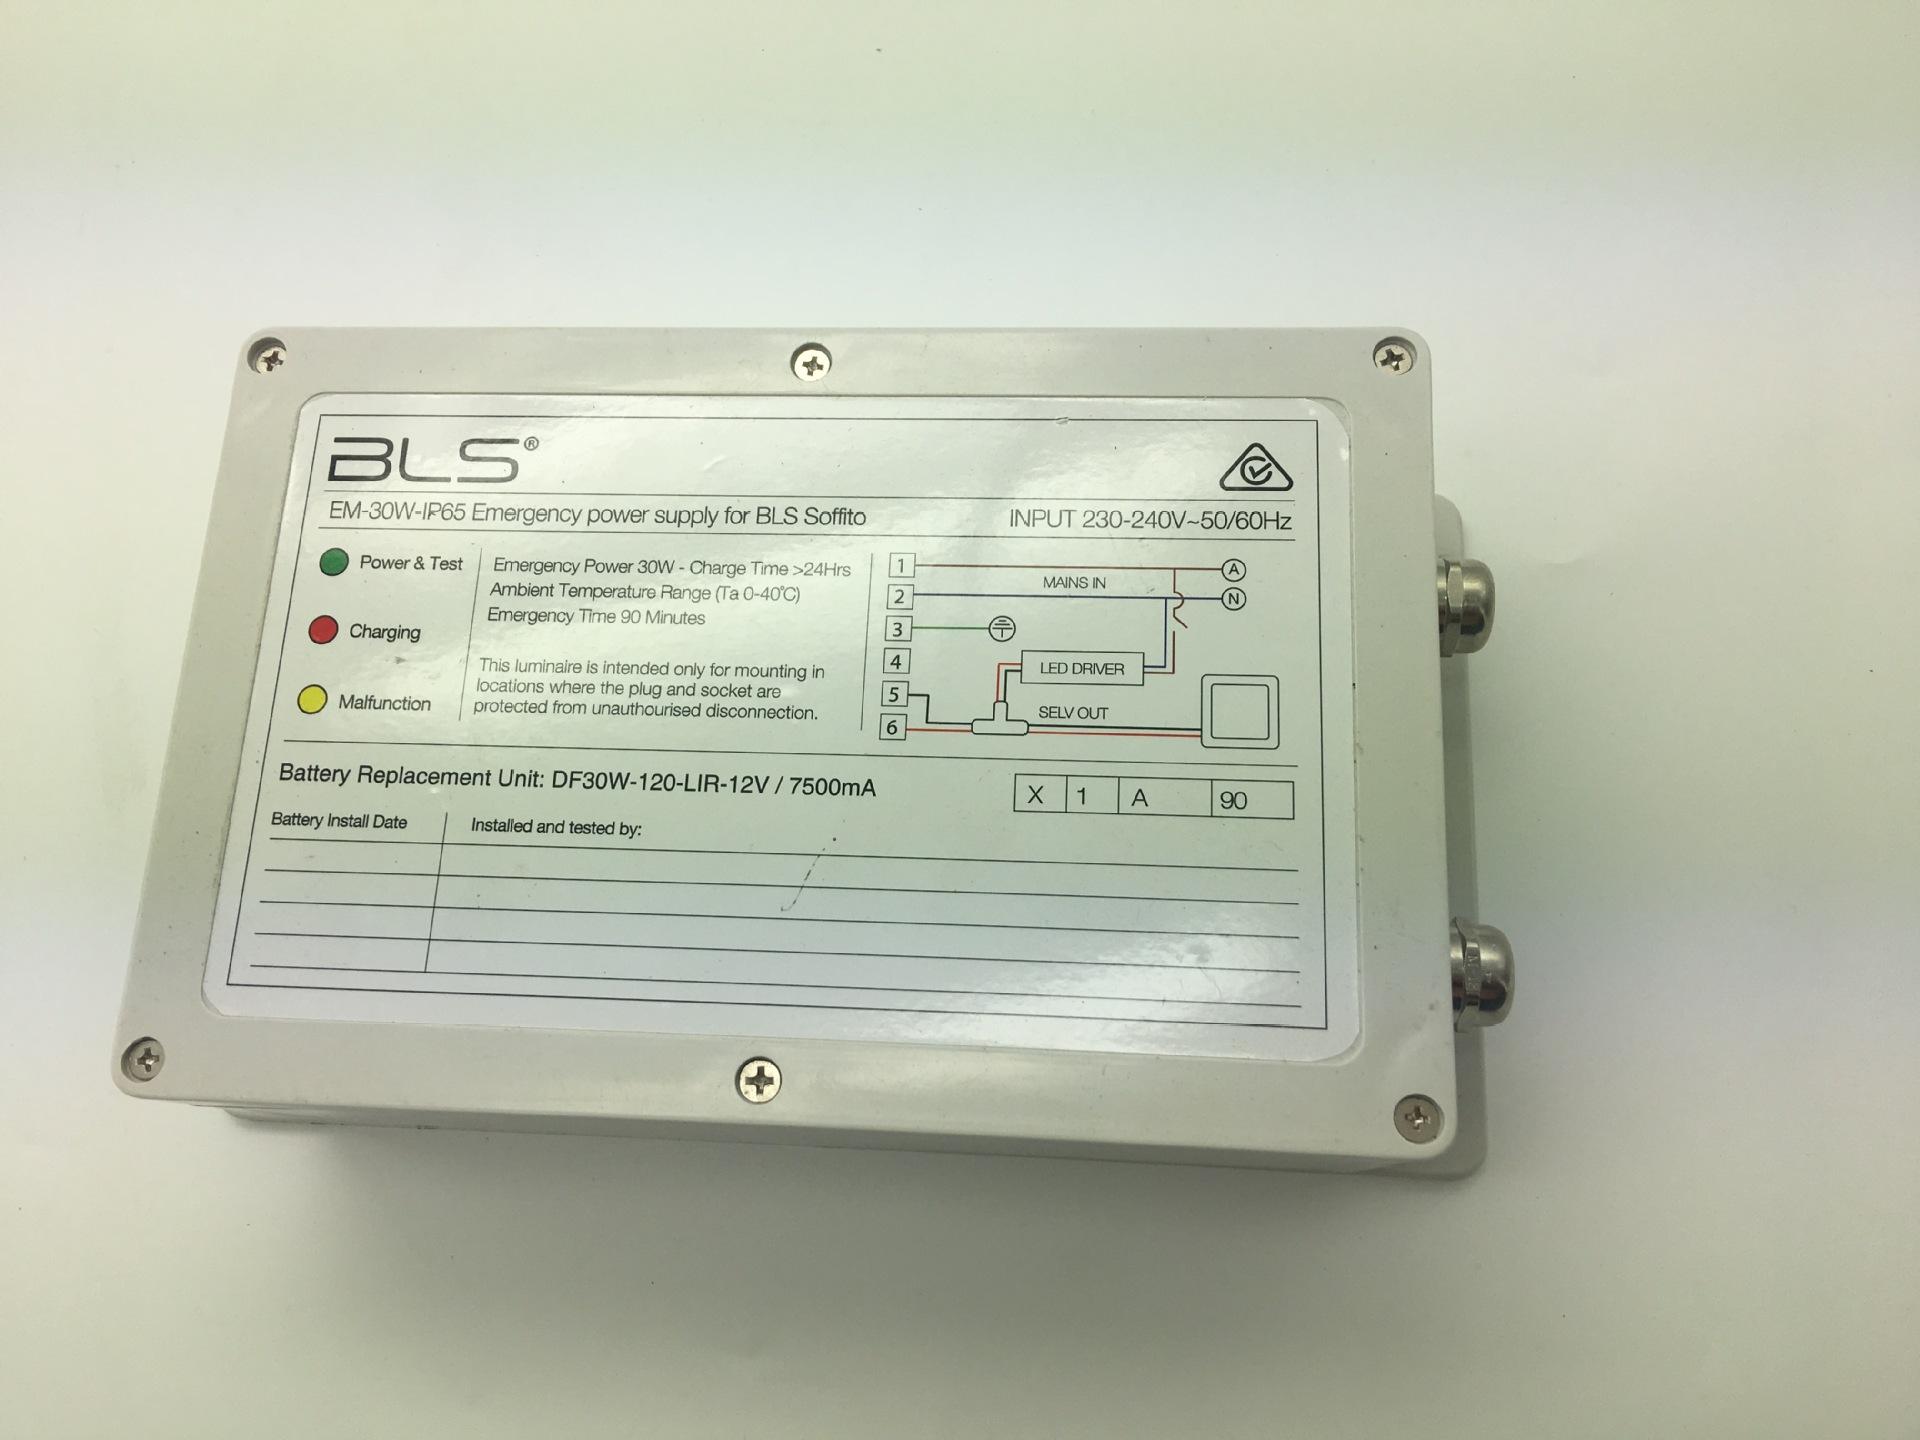 30W LED应急套件含一个转换器和一个电池模组 LED应急照明1.5小时